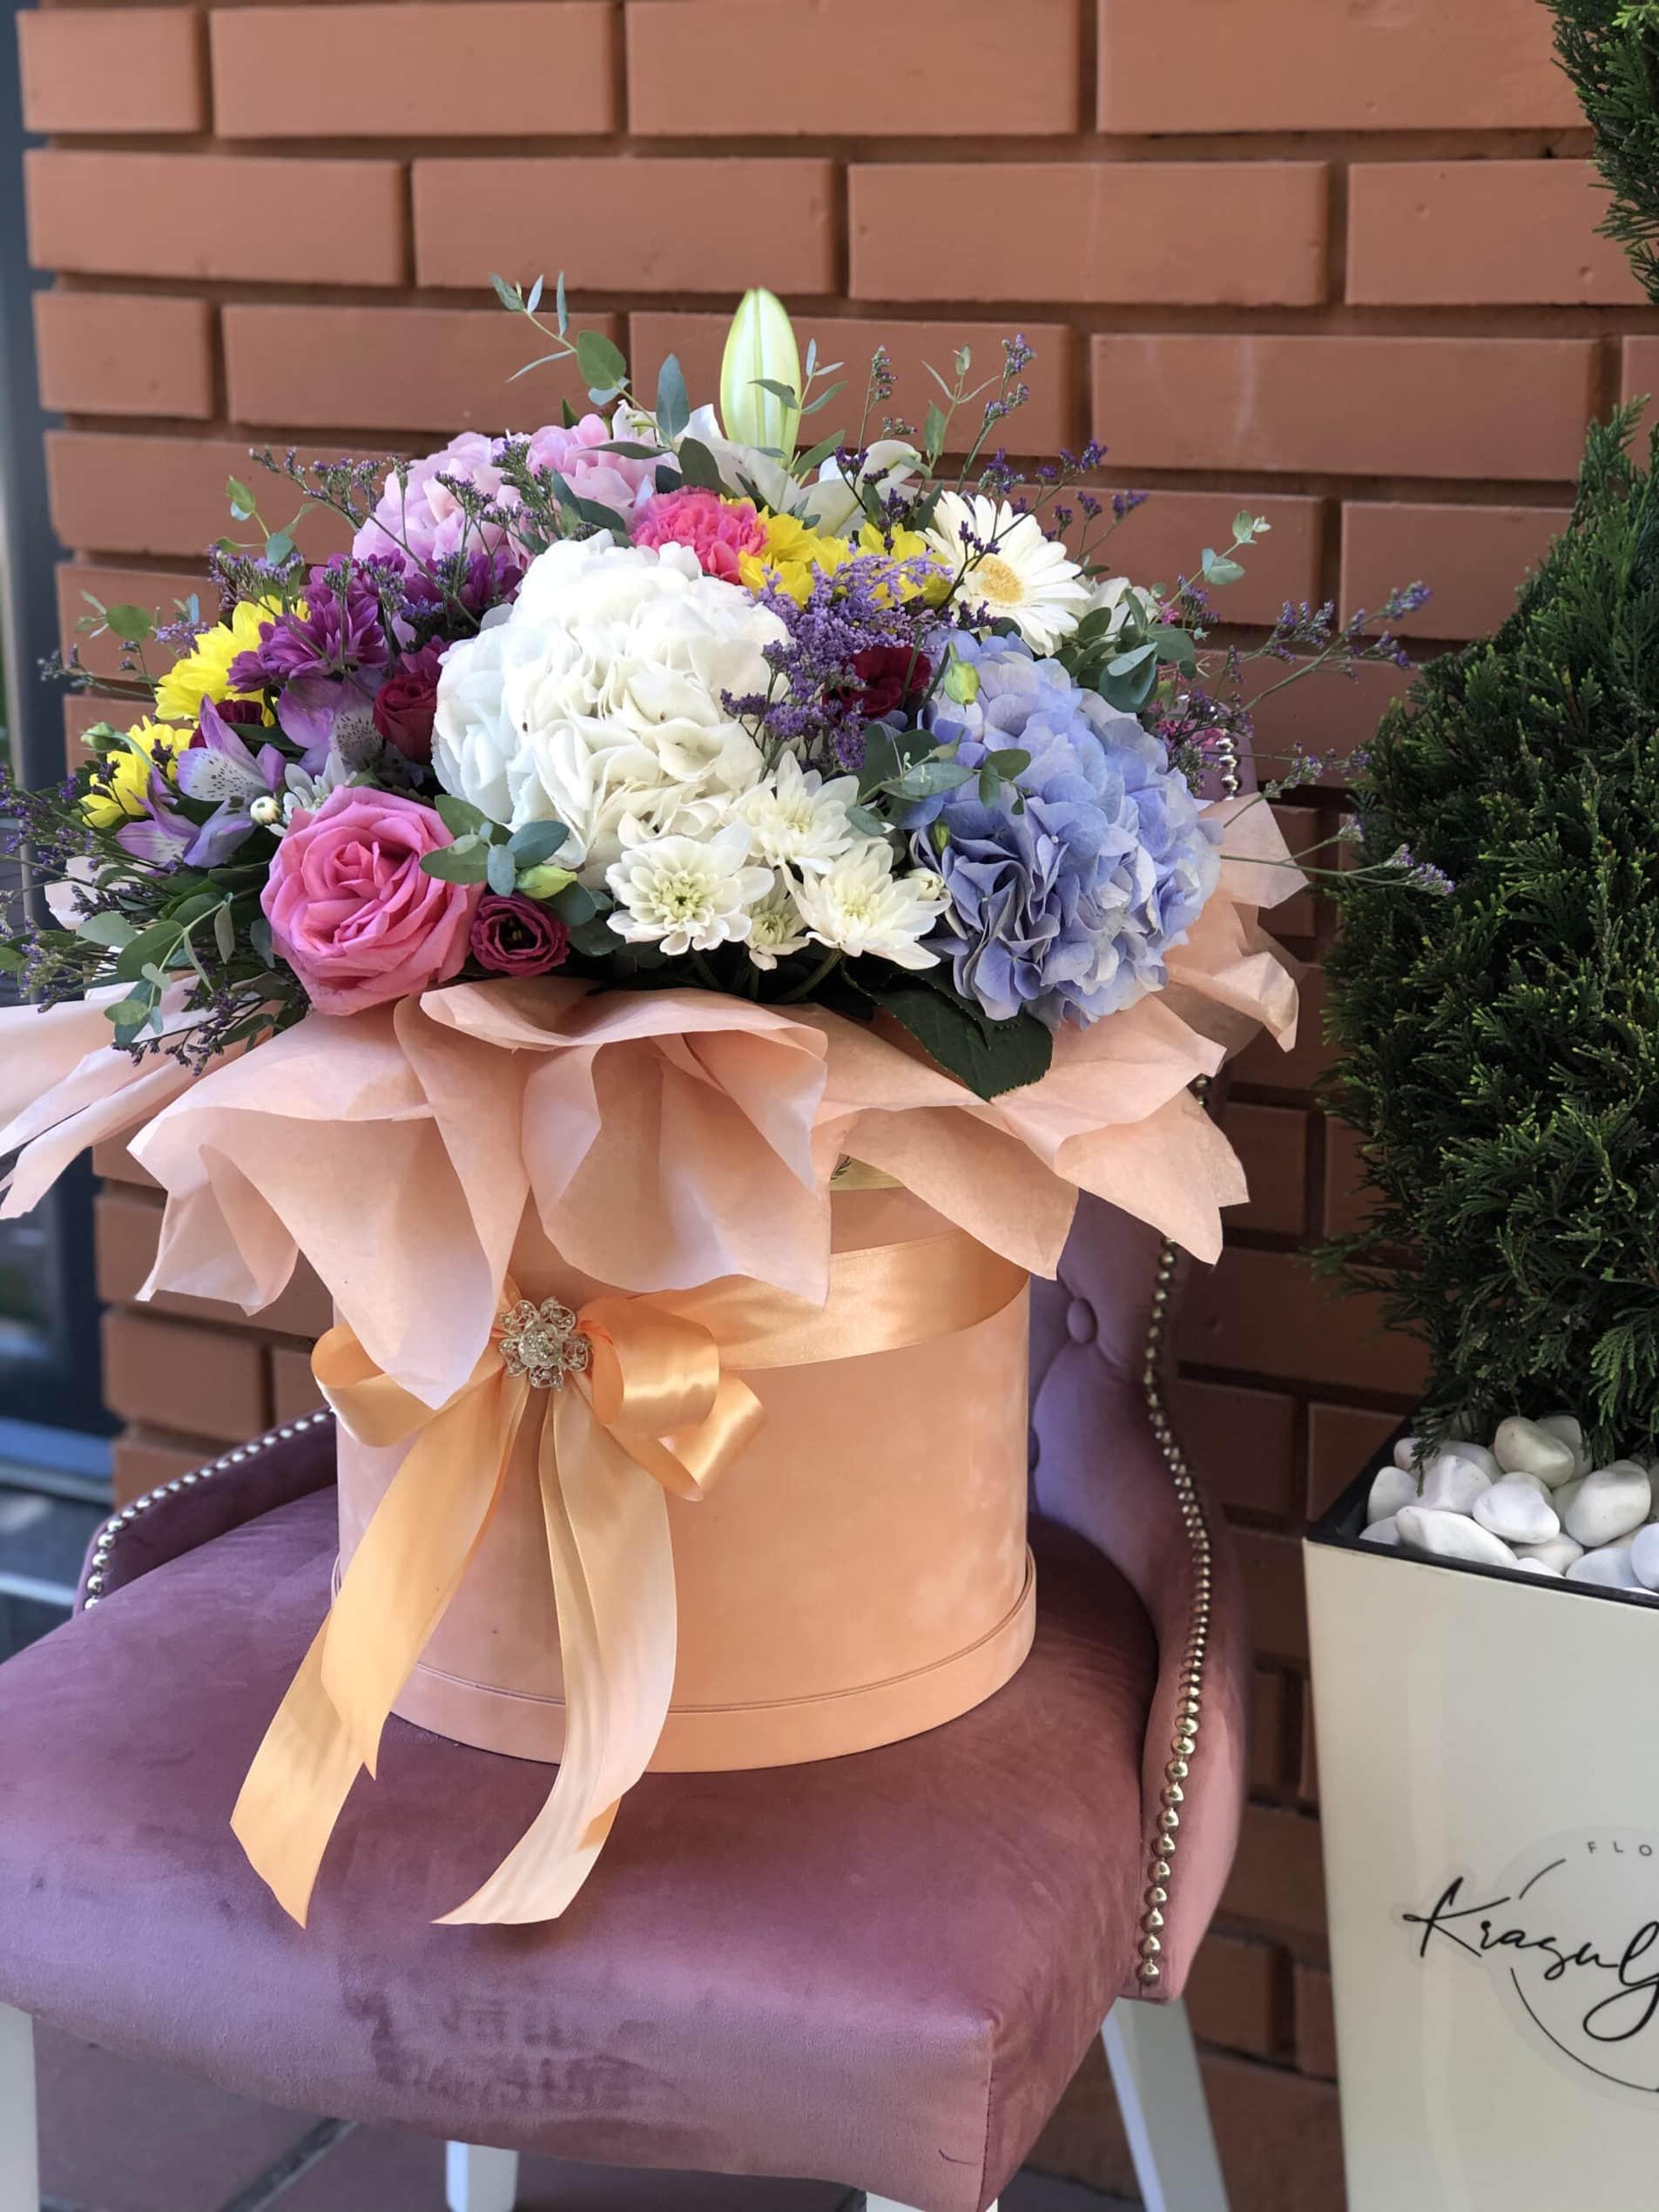 Cveće - plišana kutija puder boje sa šarenim cvećem